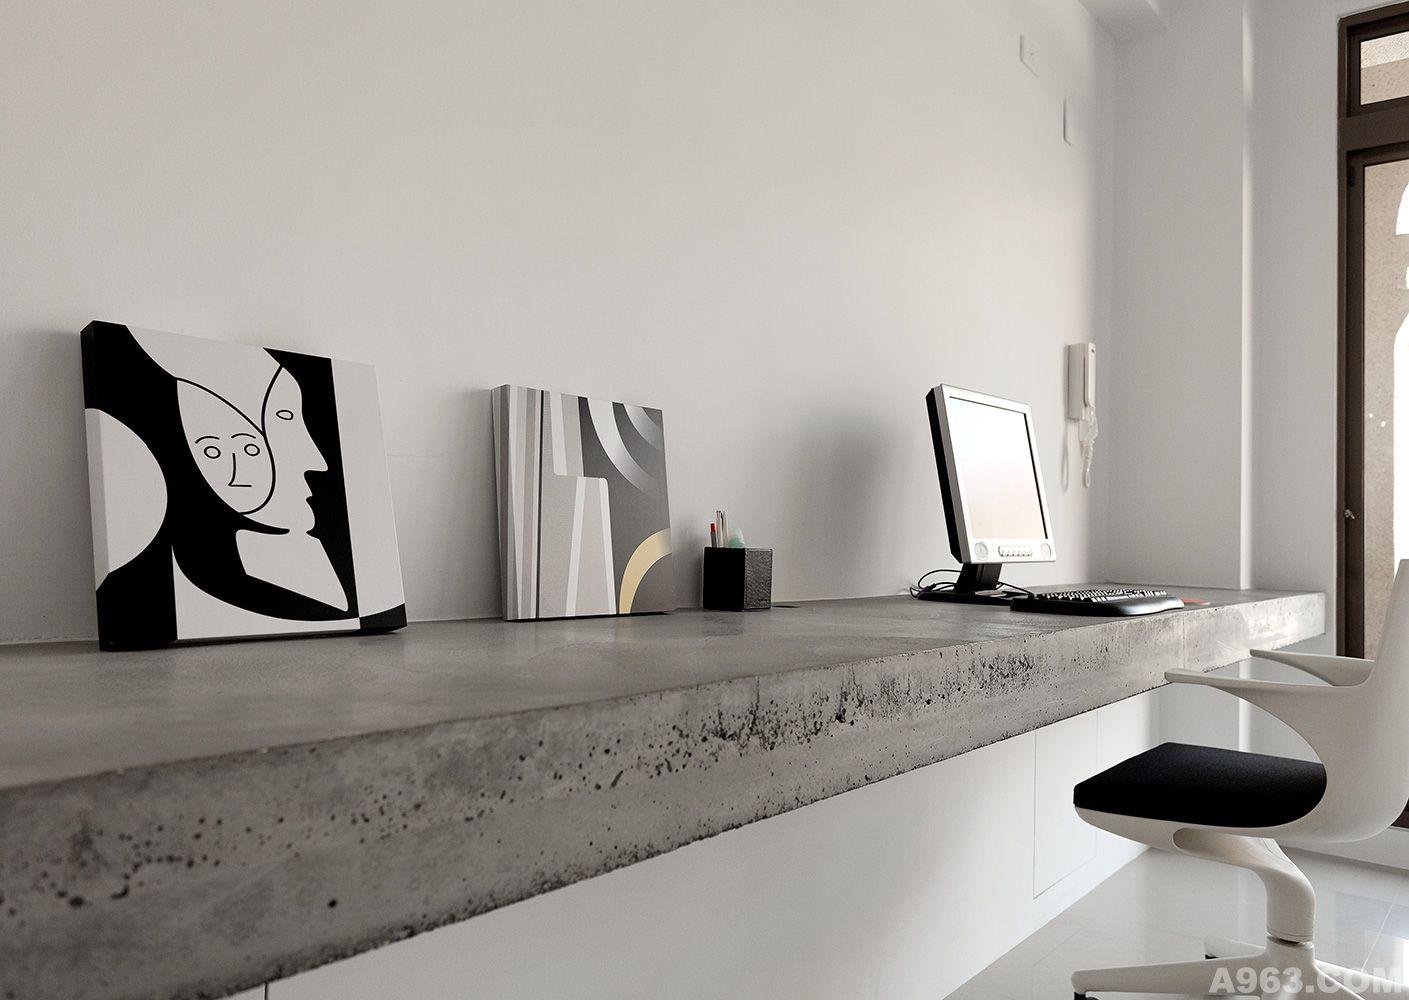 蓓森朵夫 - 普通家装 - 第3页 - 丰聚室内装修设计